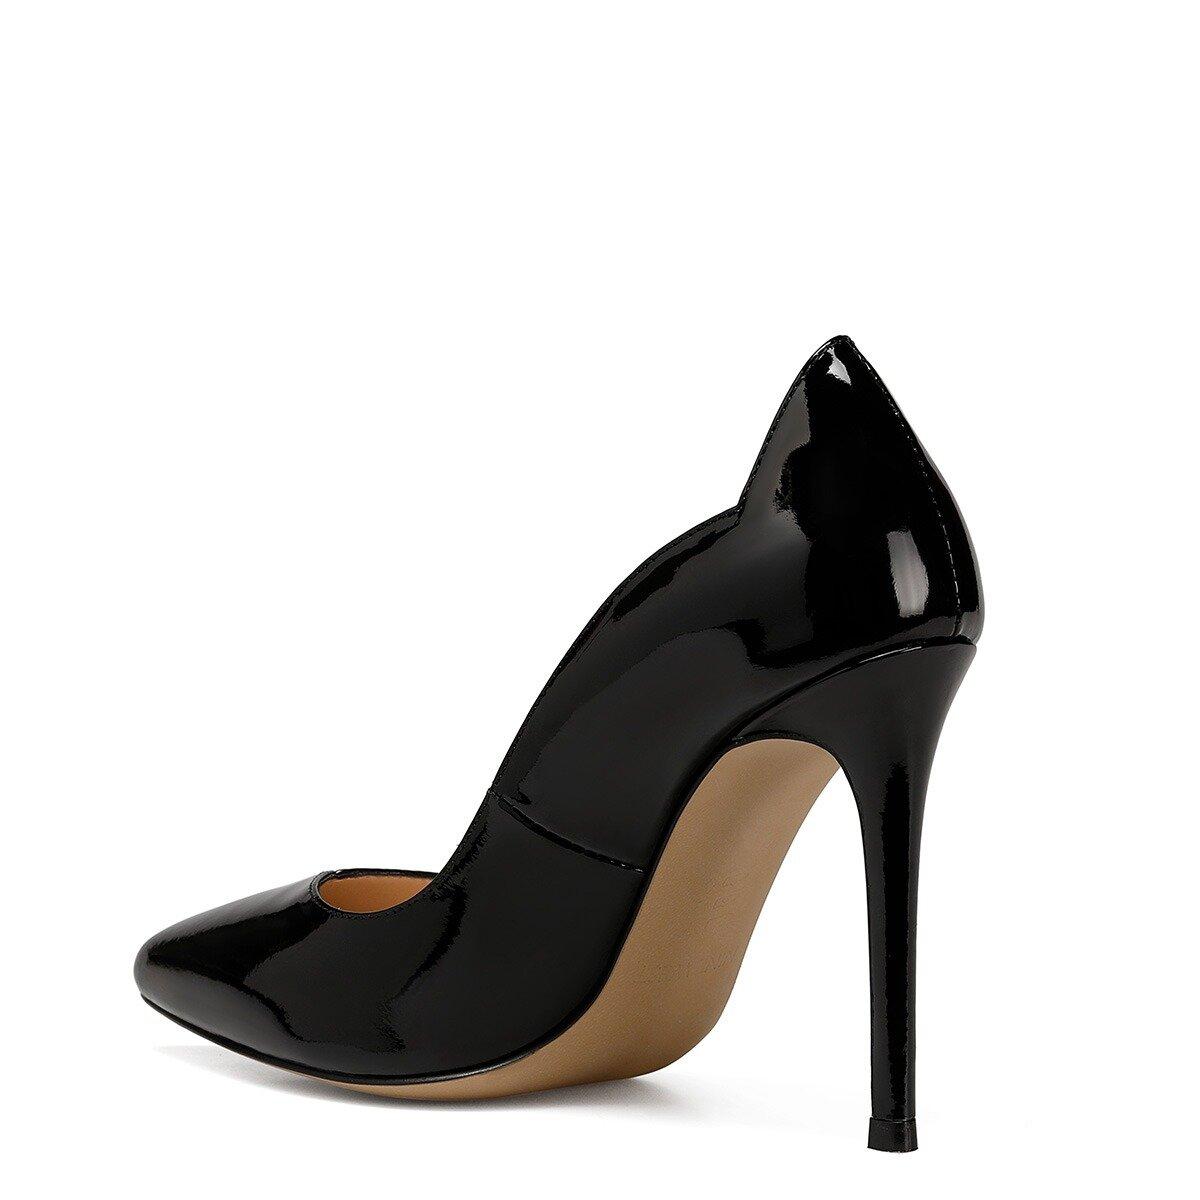 TABU Siyah Kadın Stiletto